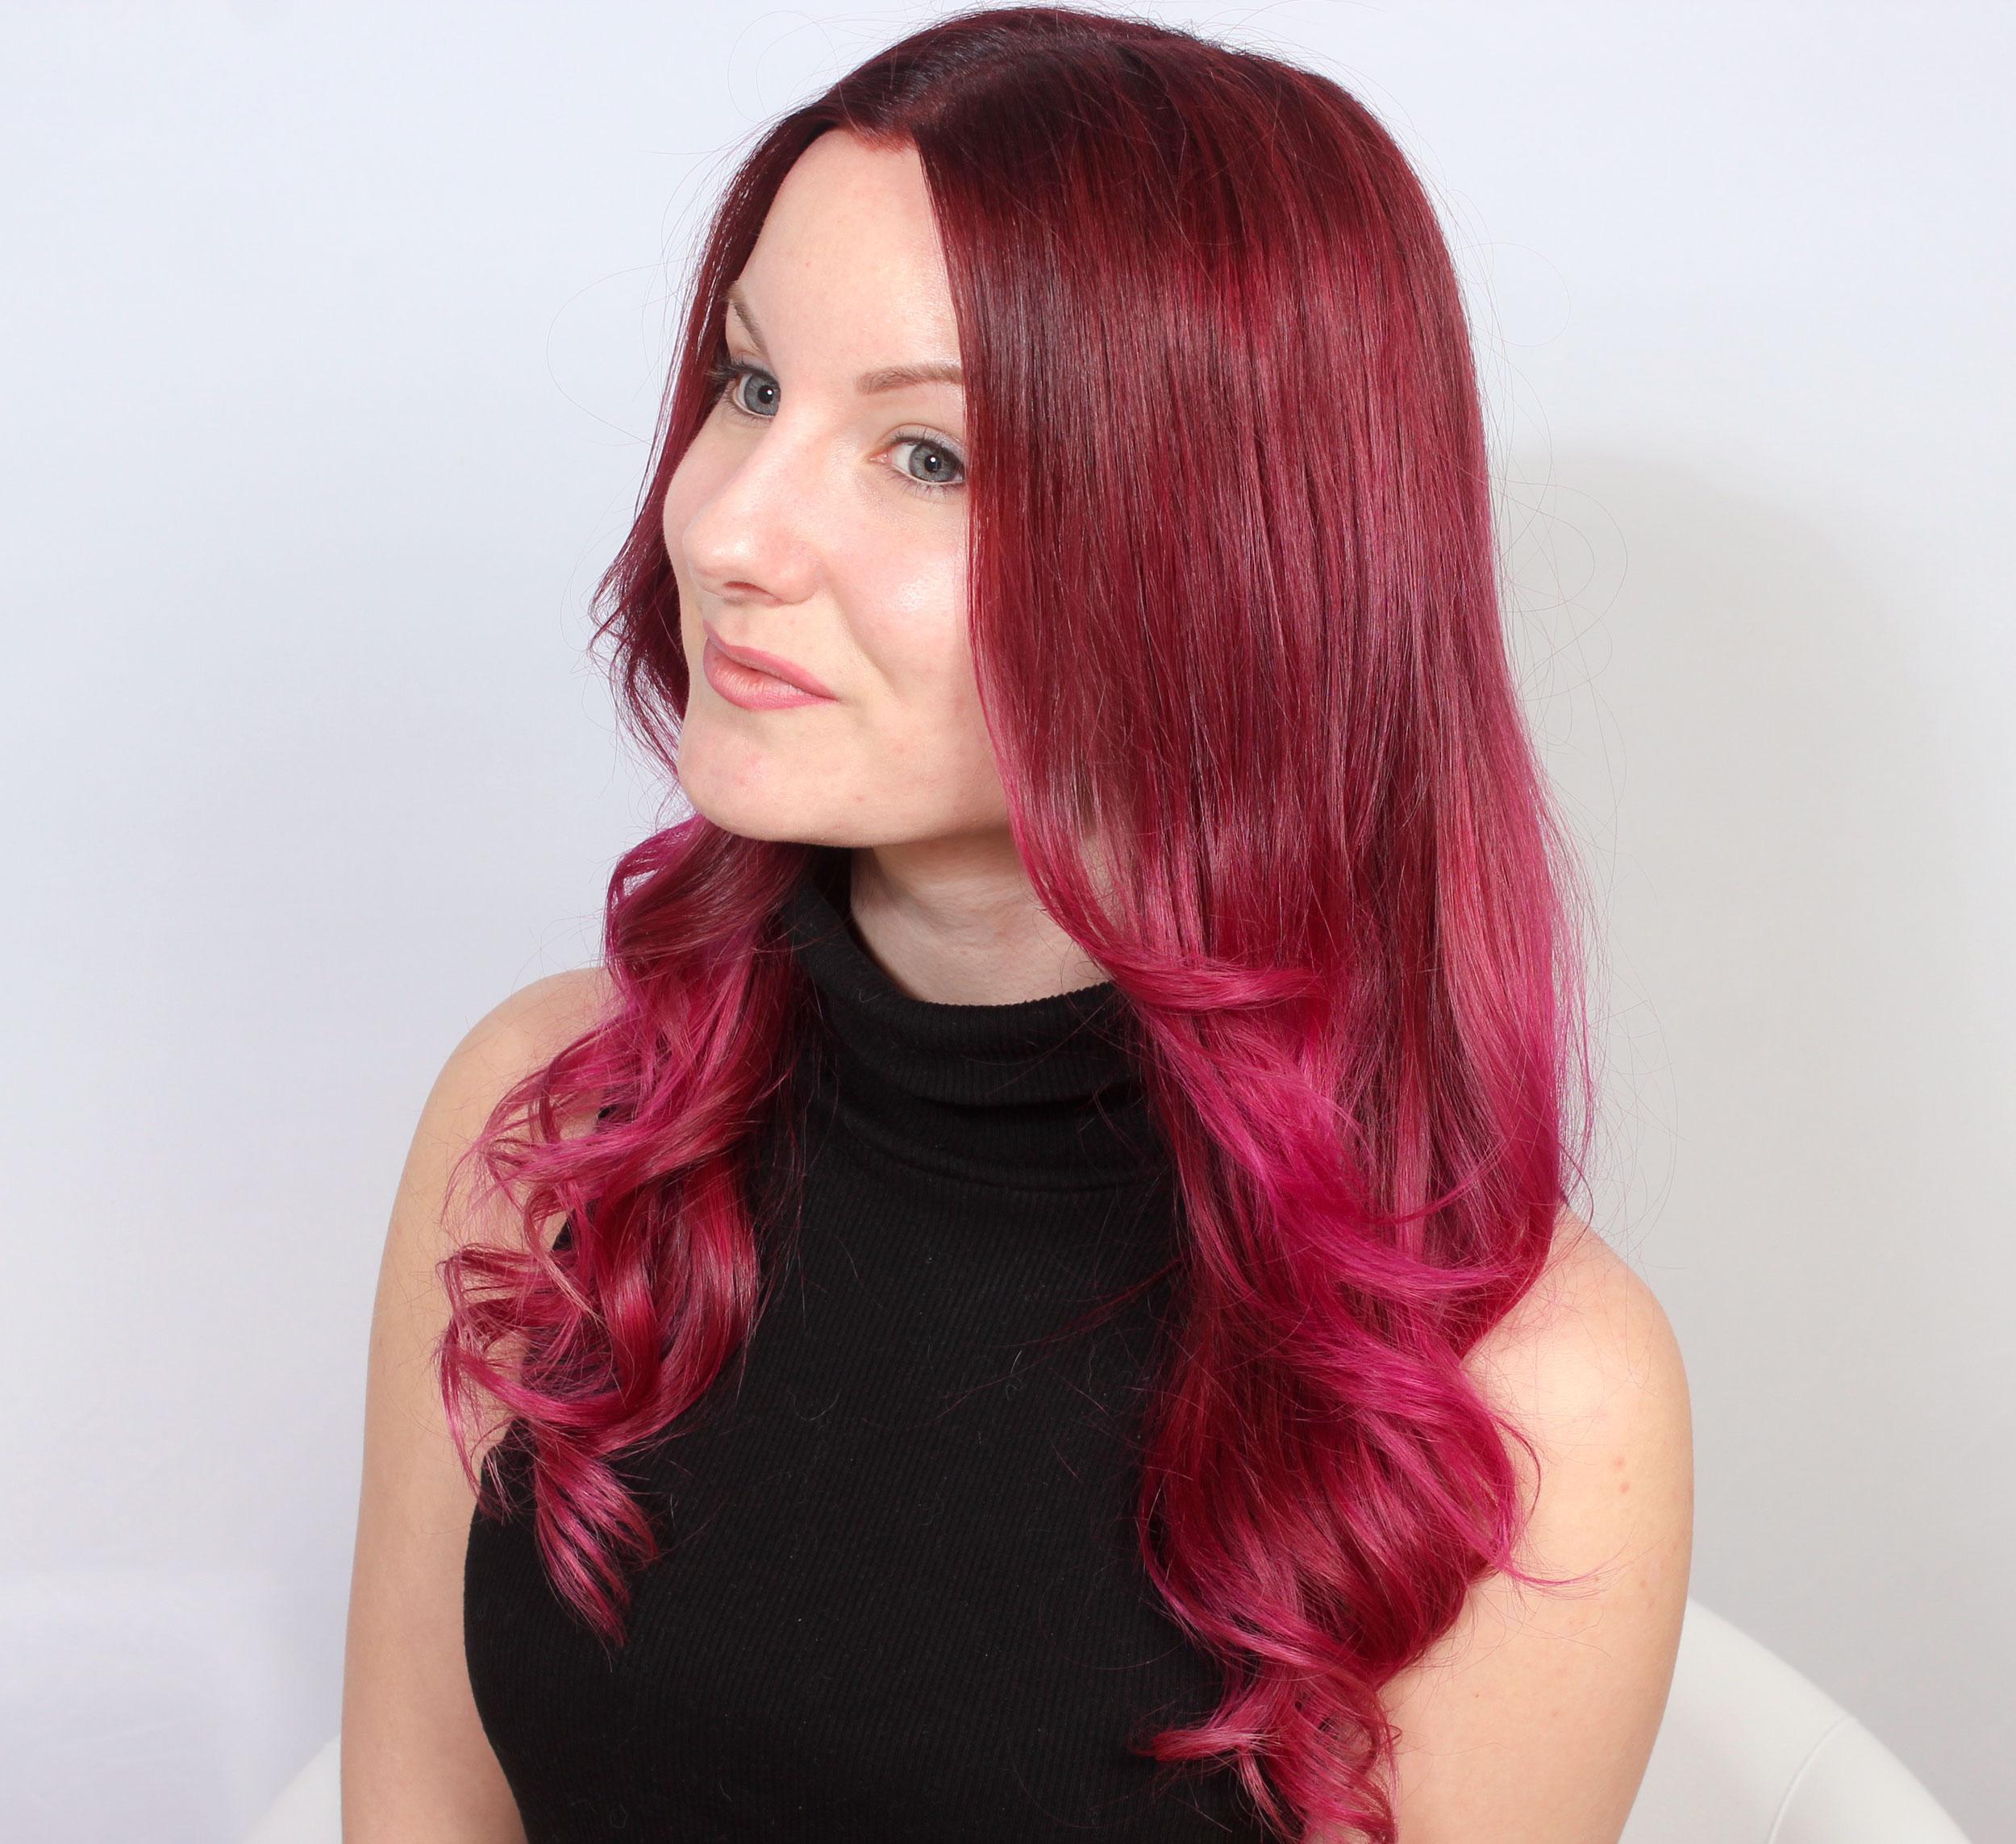 vart kan man köpa rosa hårfärg